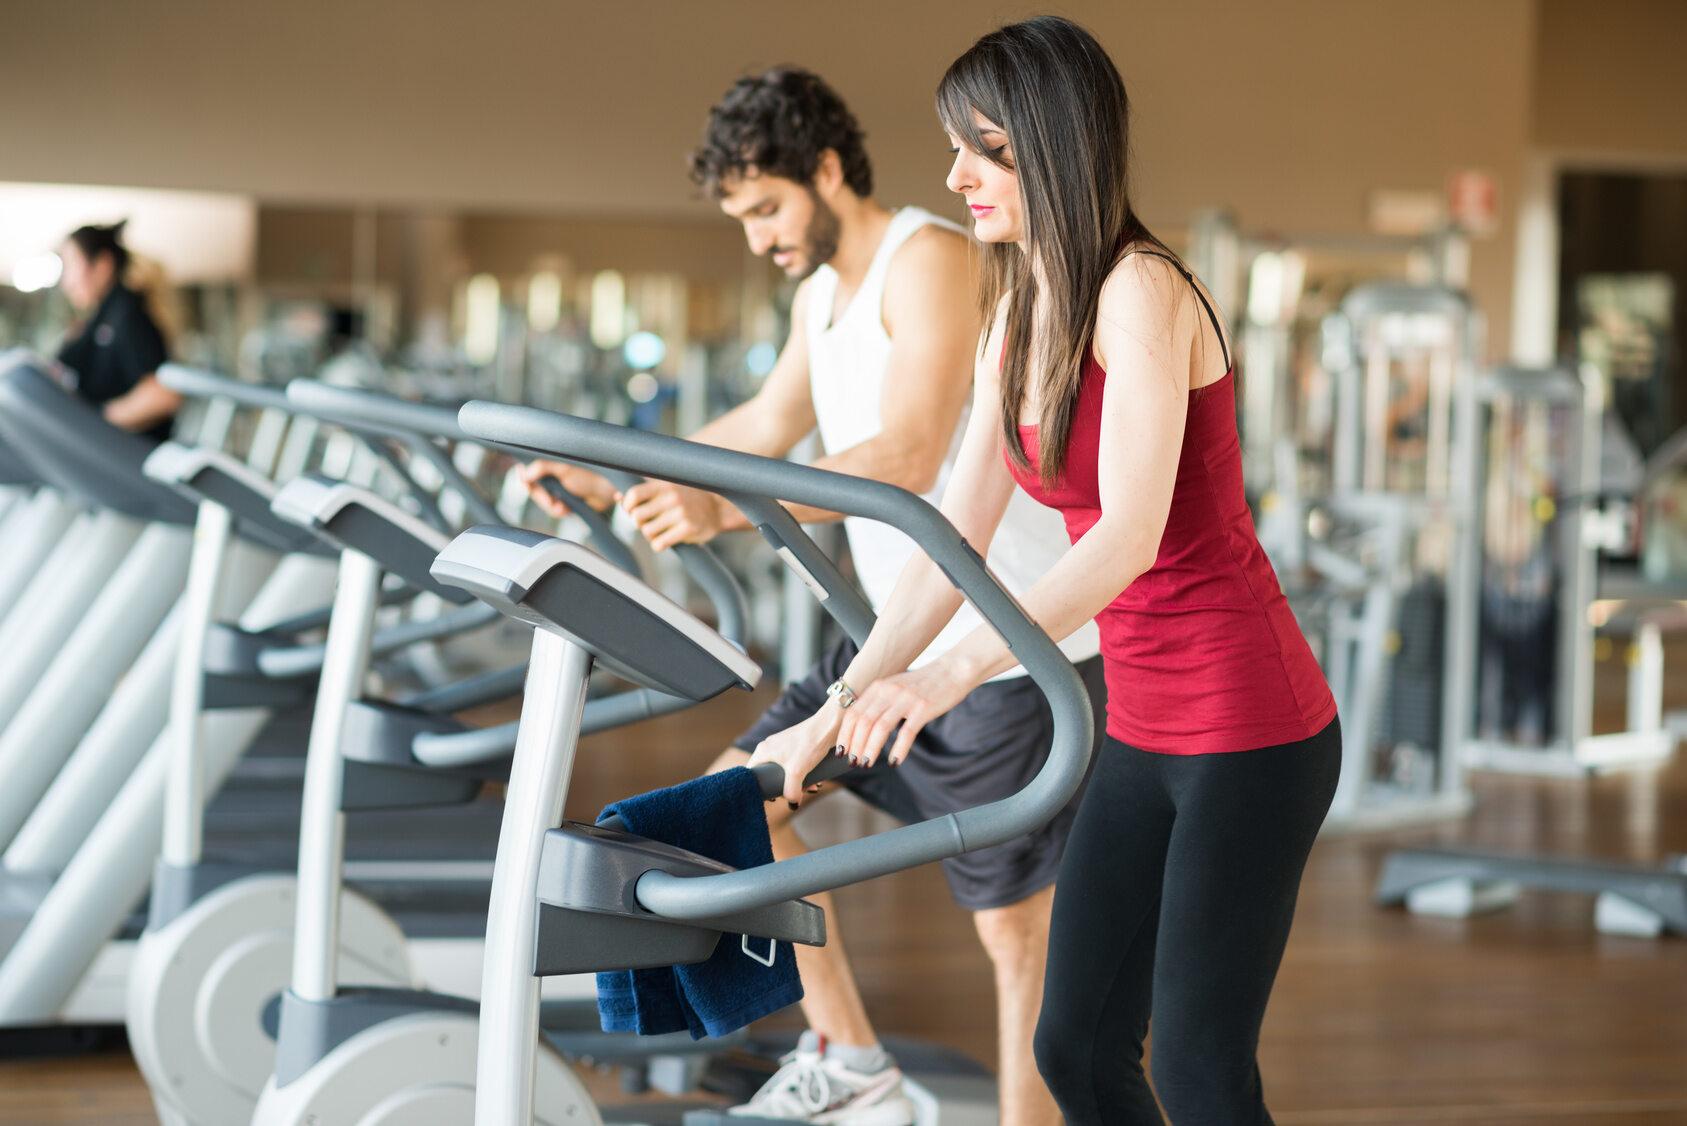 Ćwiczenie na bieżni